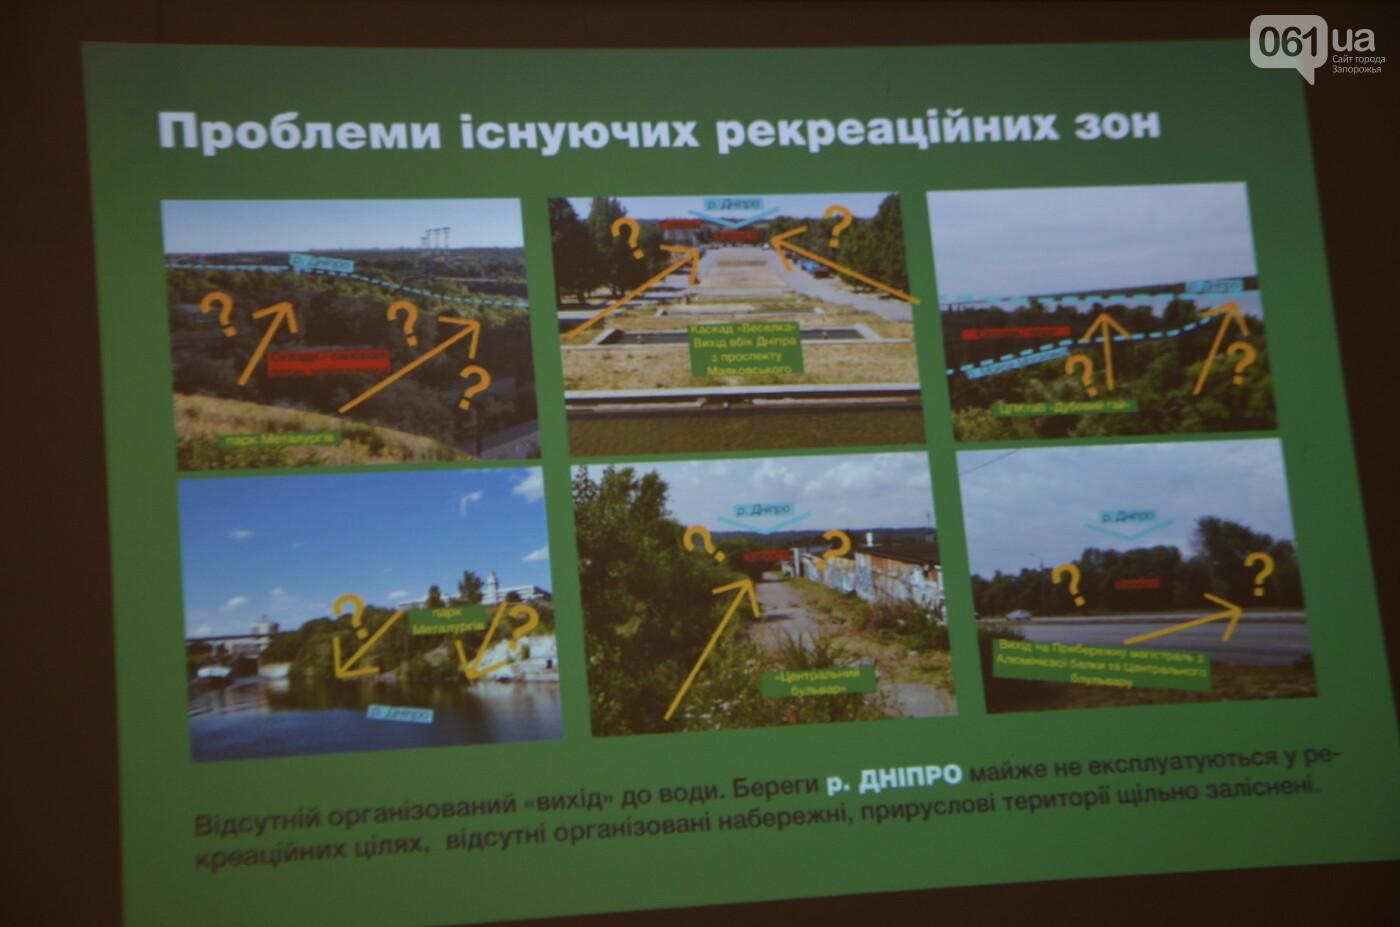 В Запорожье предлагают разрабатывать новые зеленые зоны, велопешеходные и экологические маршруты, фото-20